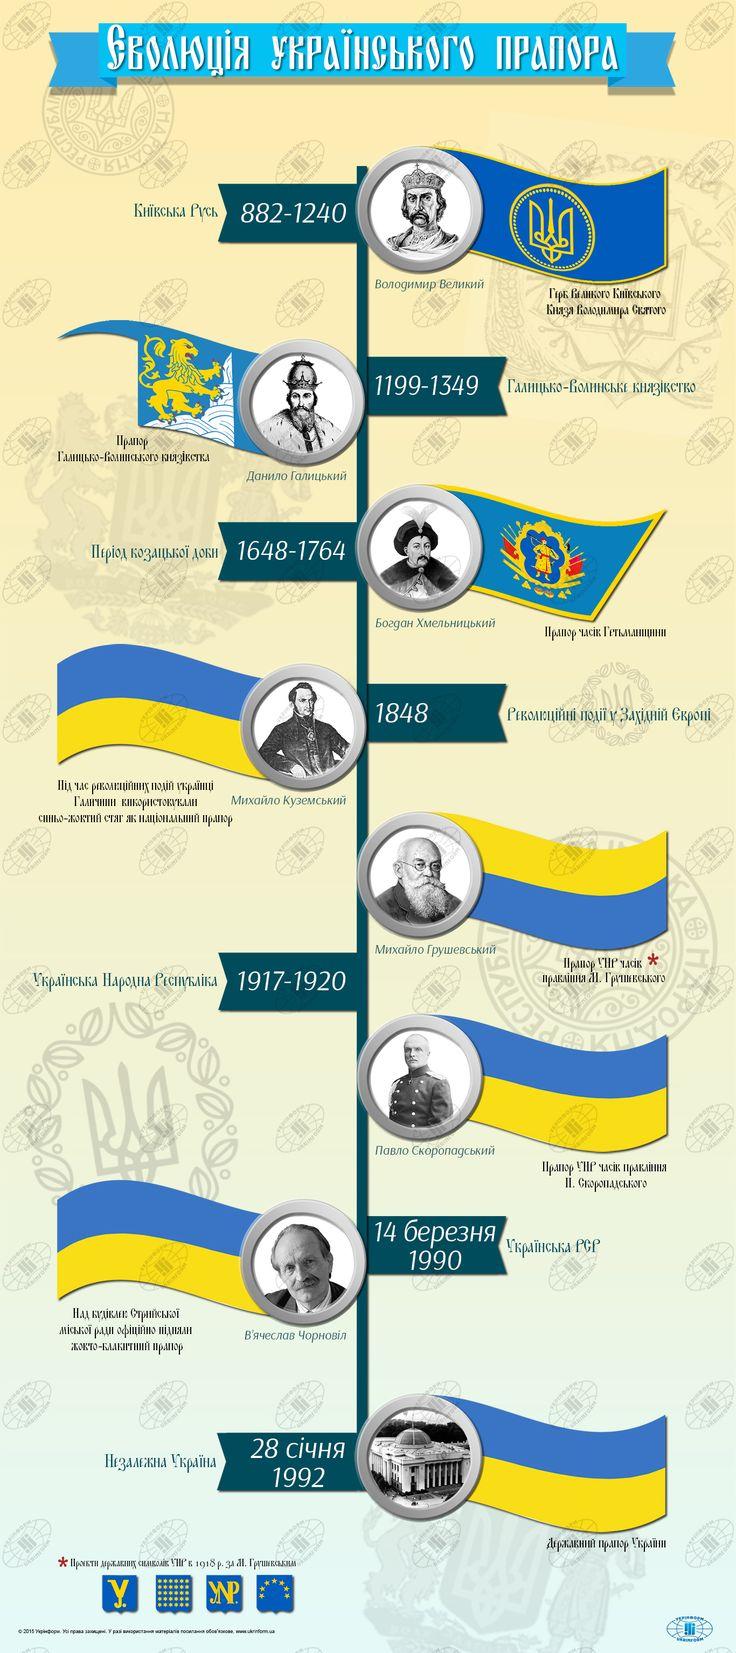 Еволюція державного прапора України [Інфографіка]  23 серпня 2015 06:57